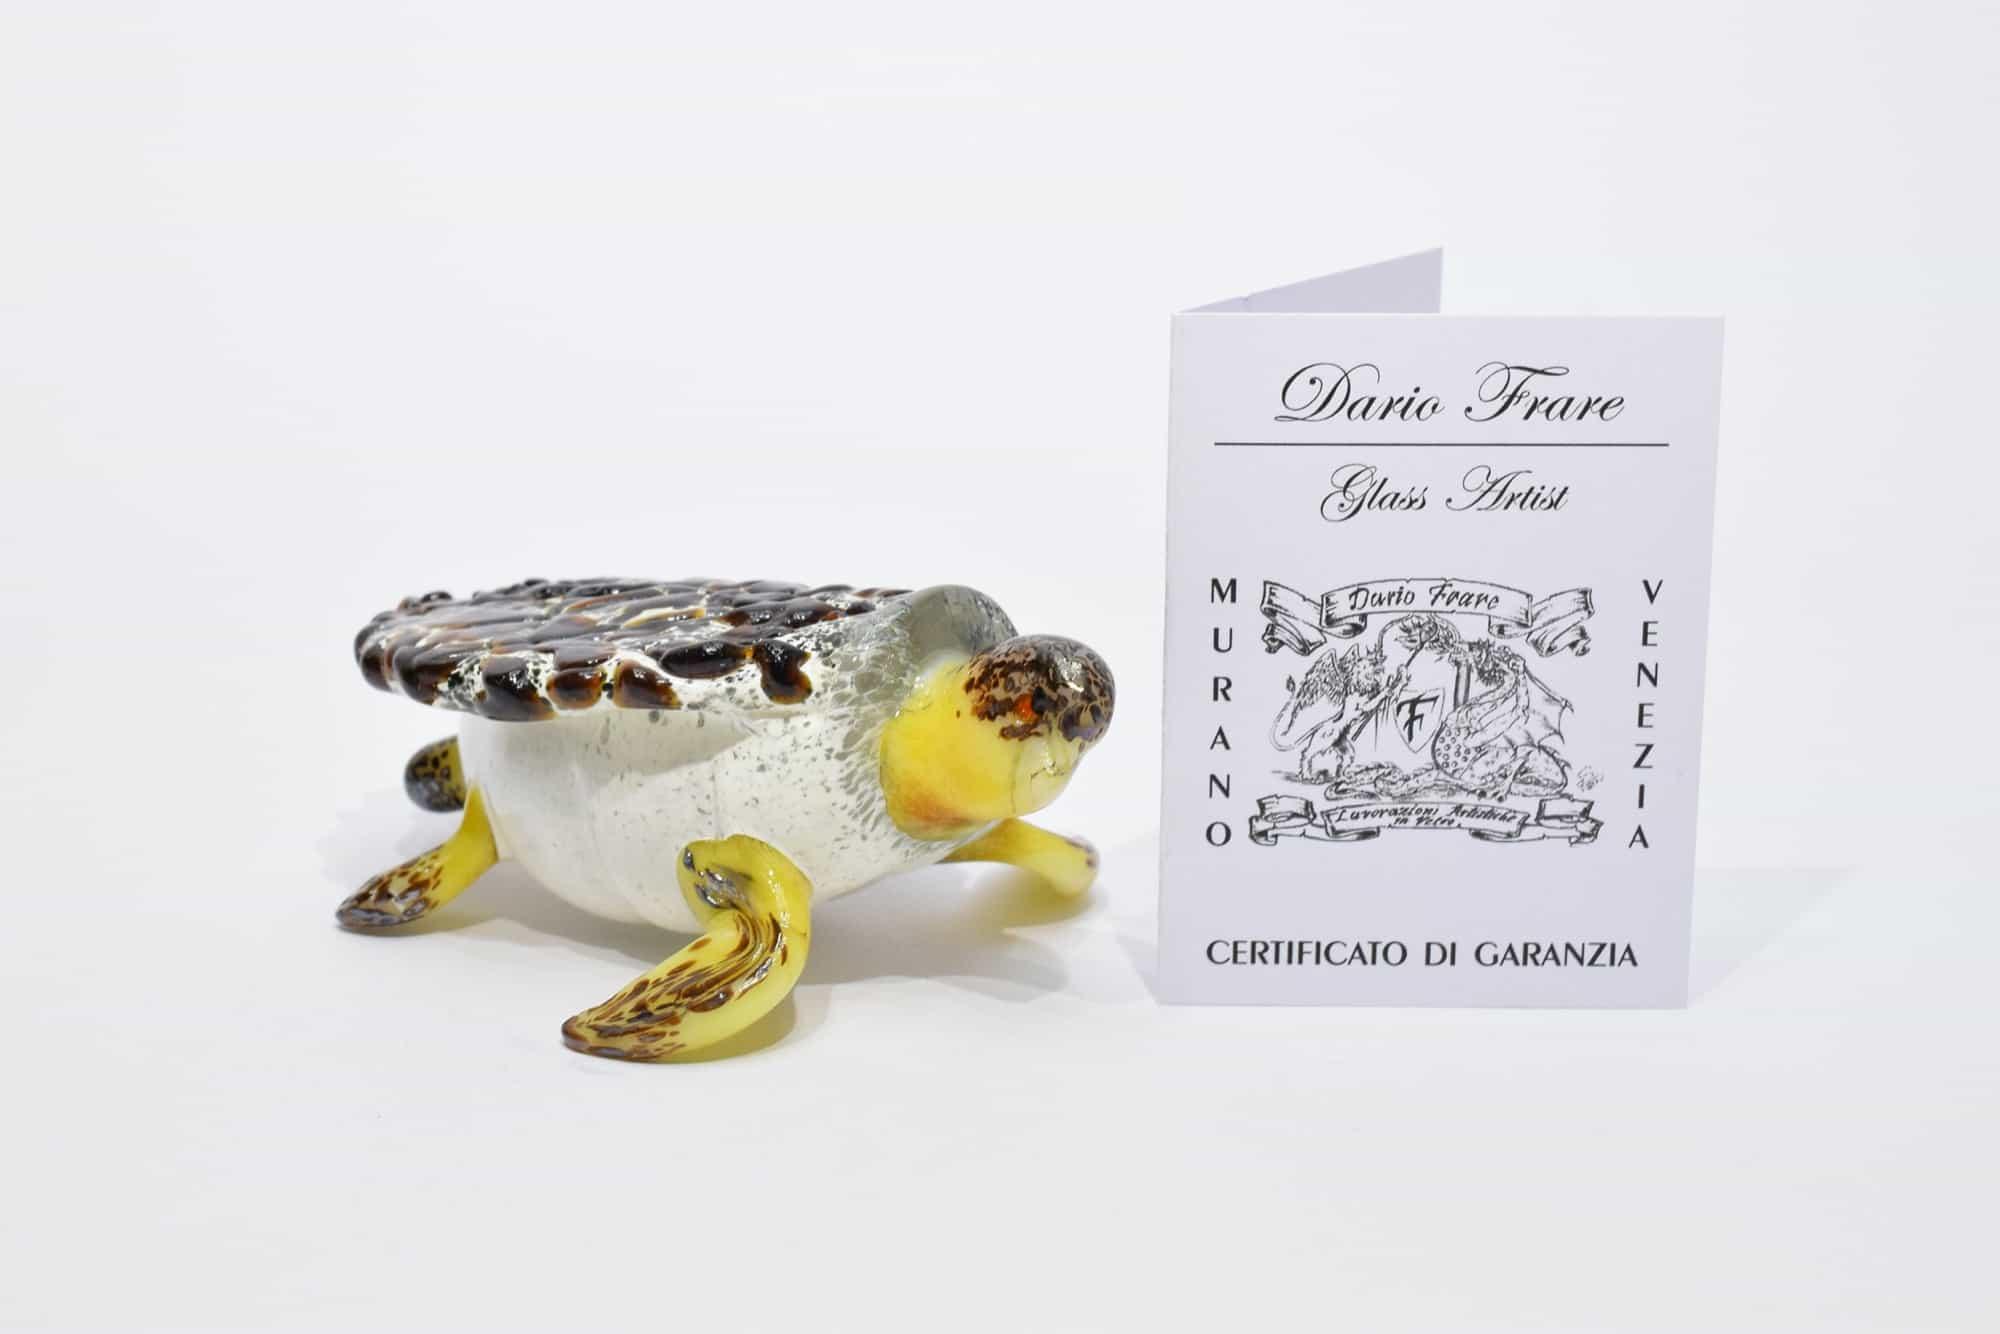 Murano Blown Glass Turtle - (Art. 10676)